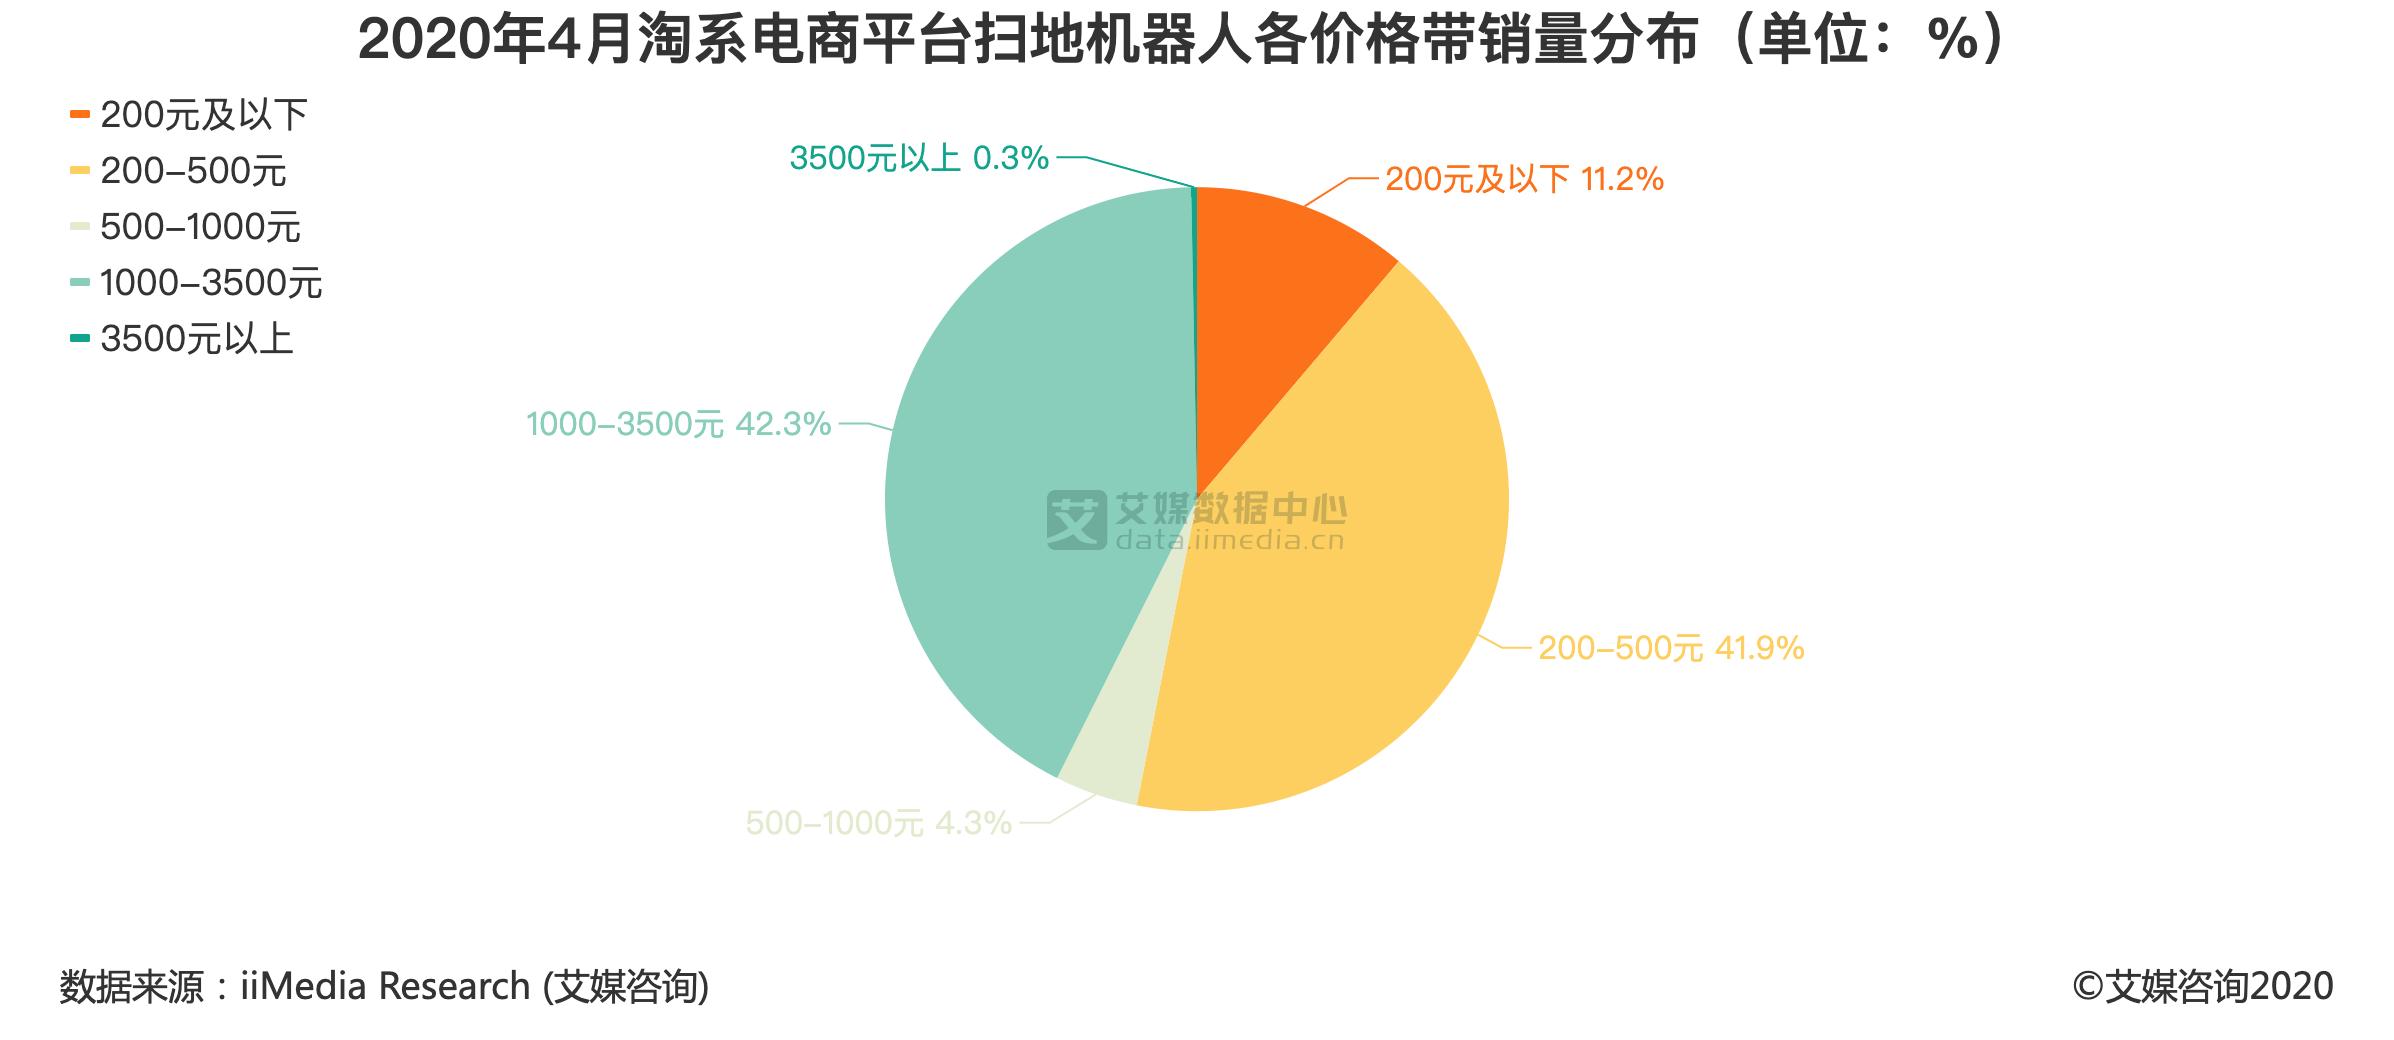 2020年4月淘系电商平台扫地机器人各价格带销量分布(单位:%)